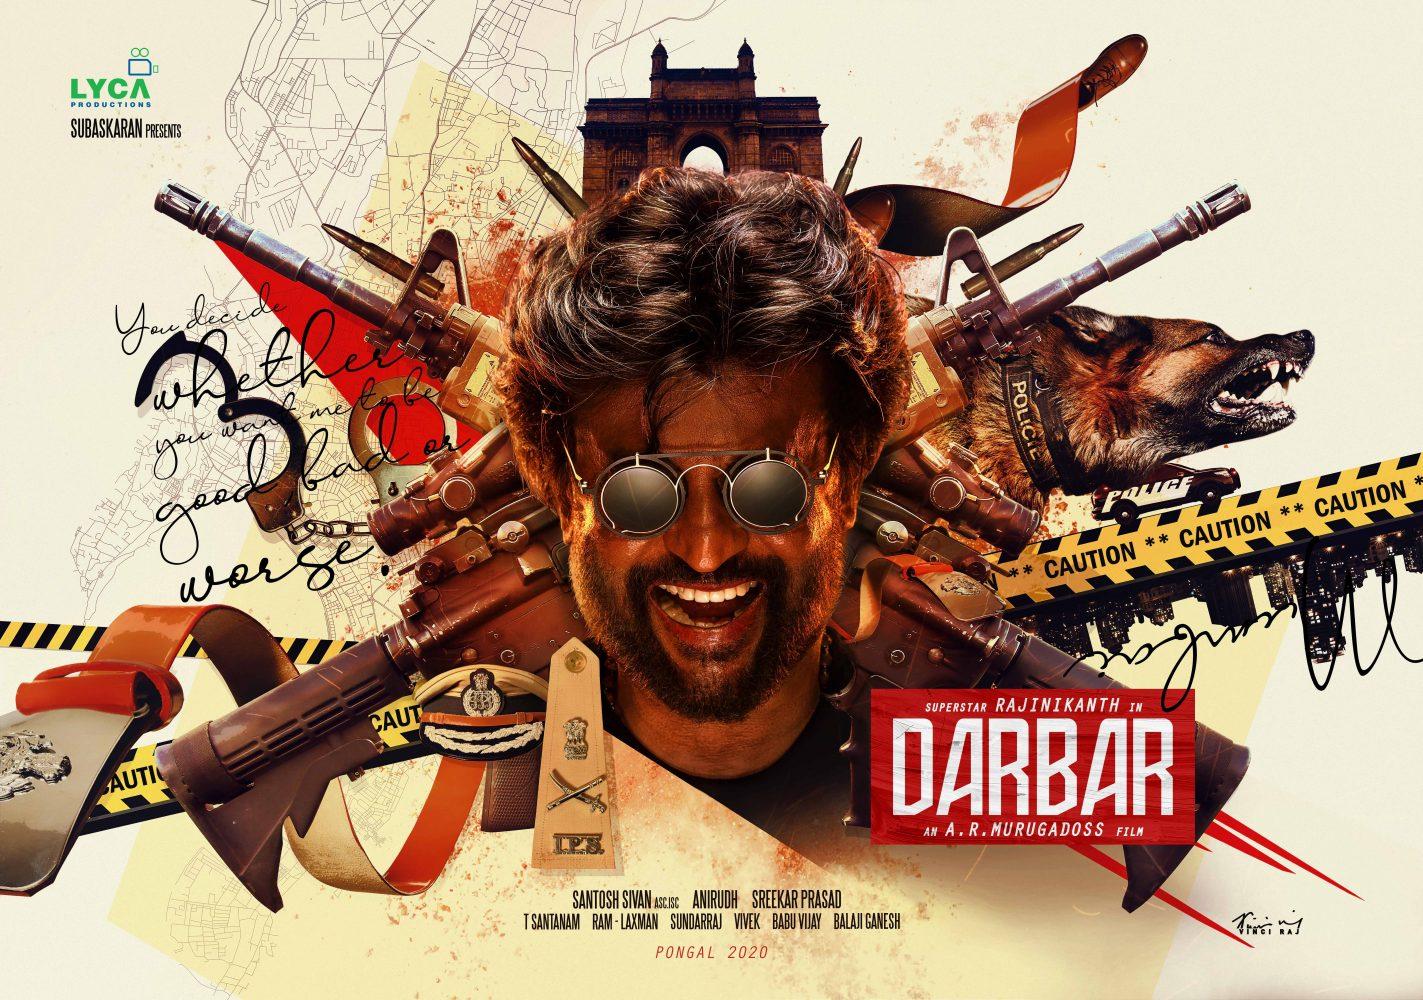 Darbar Movie Pooja Stills and HD Posters